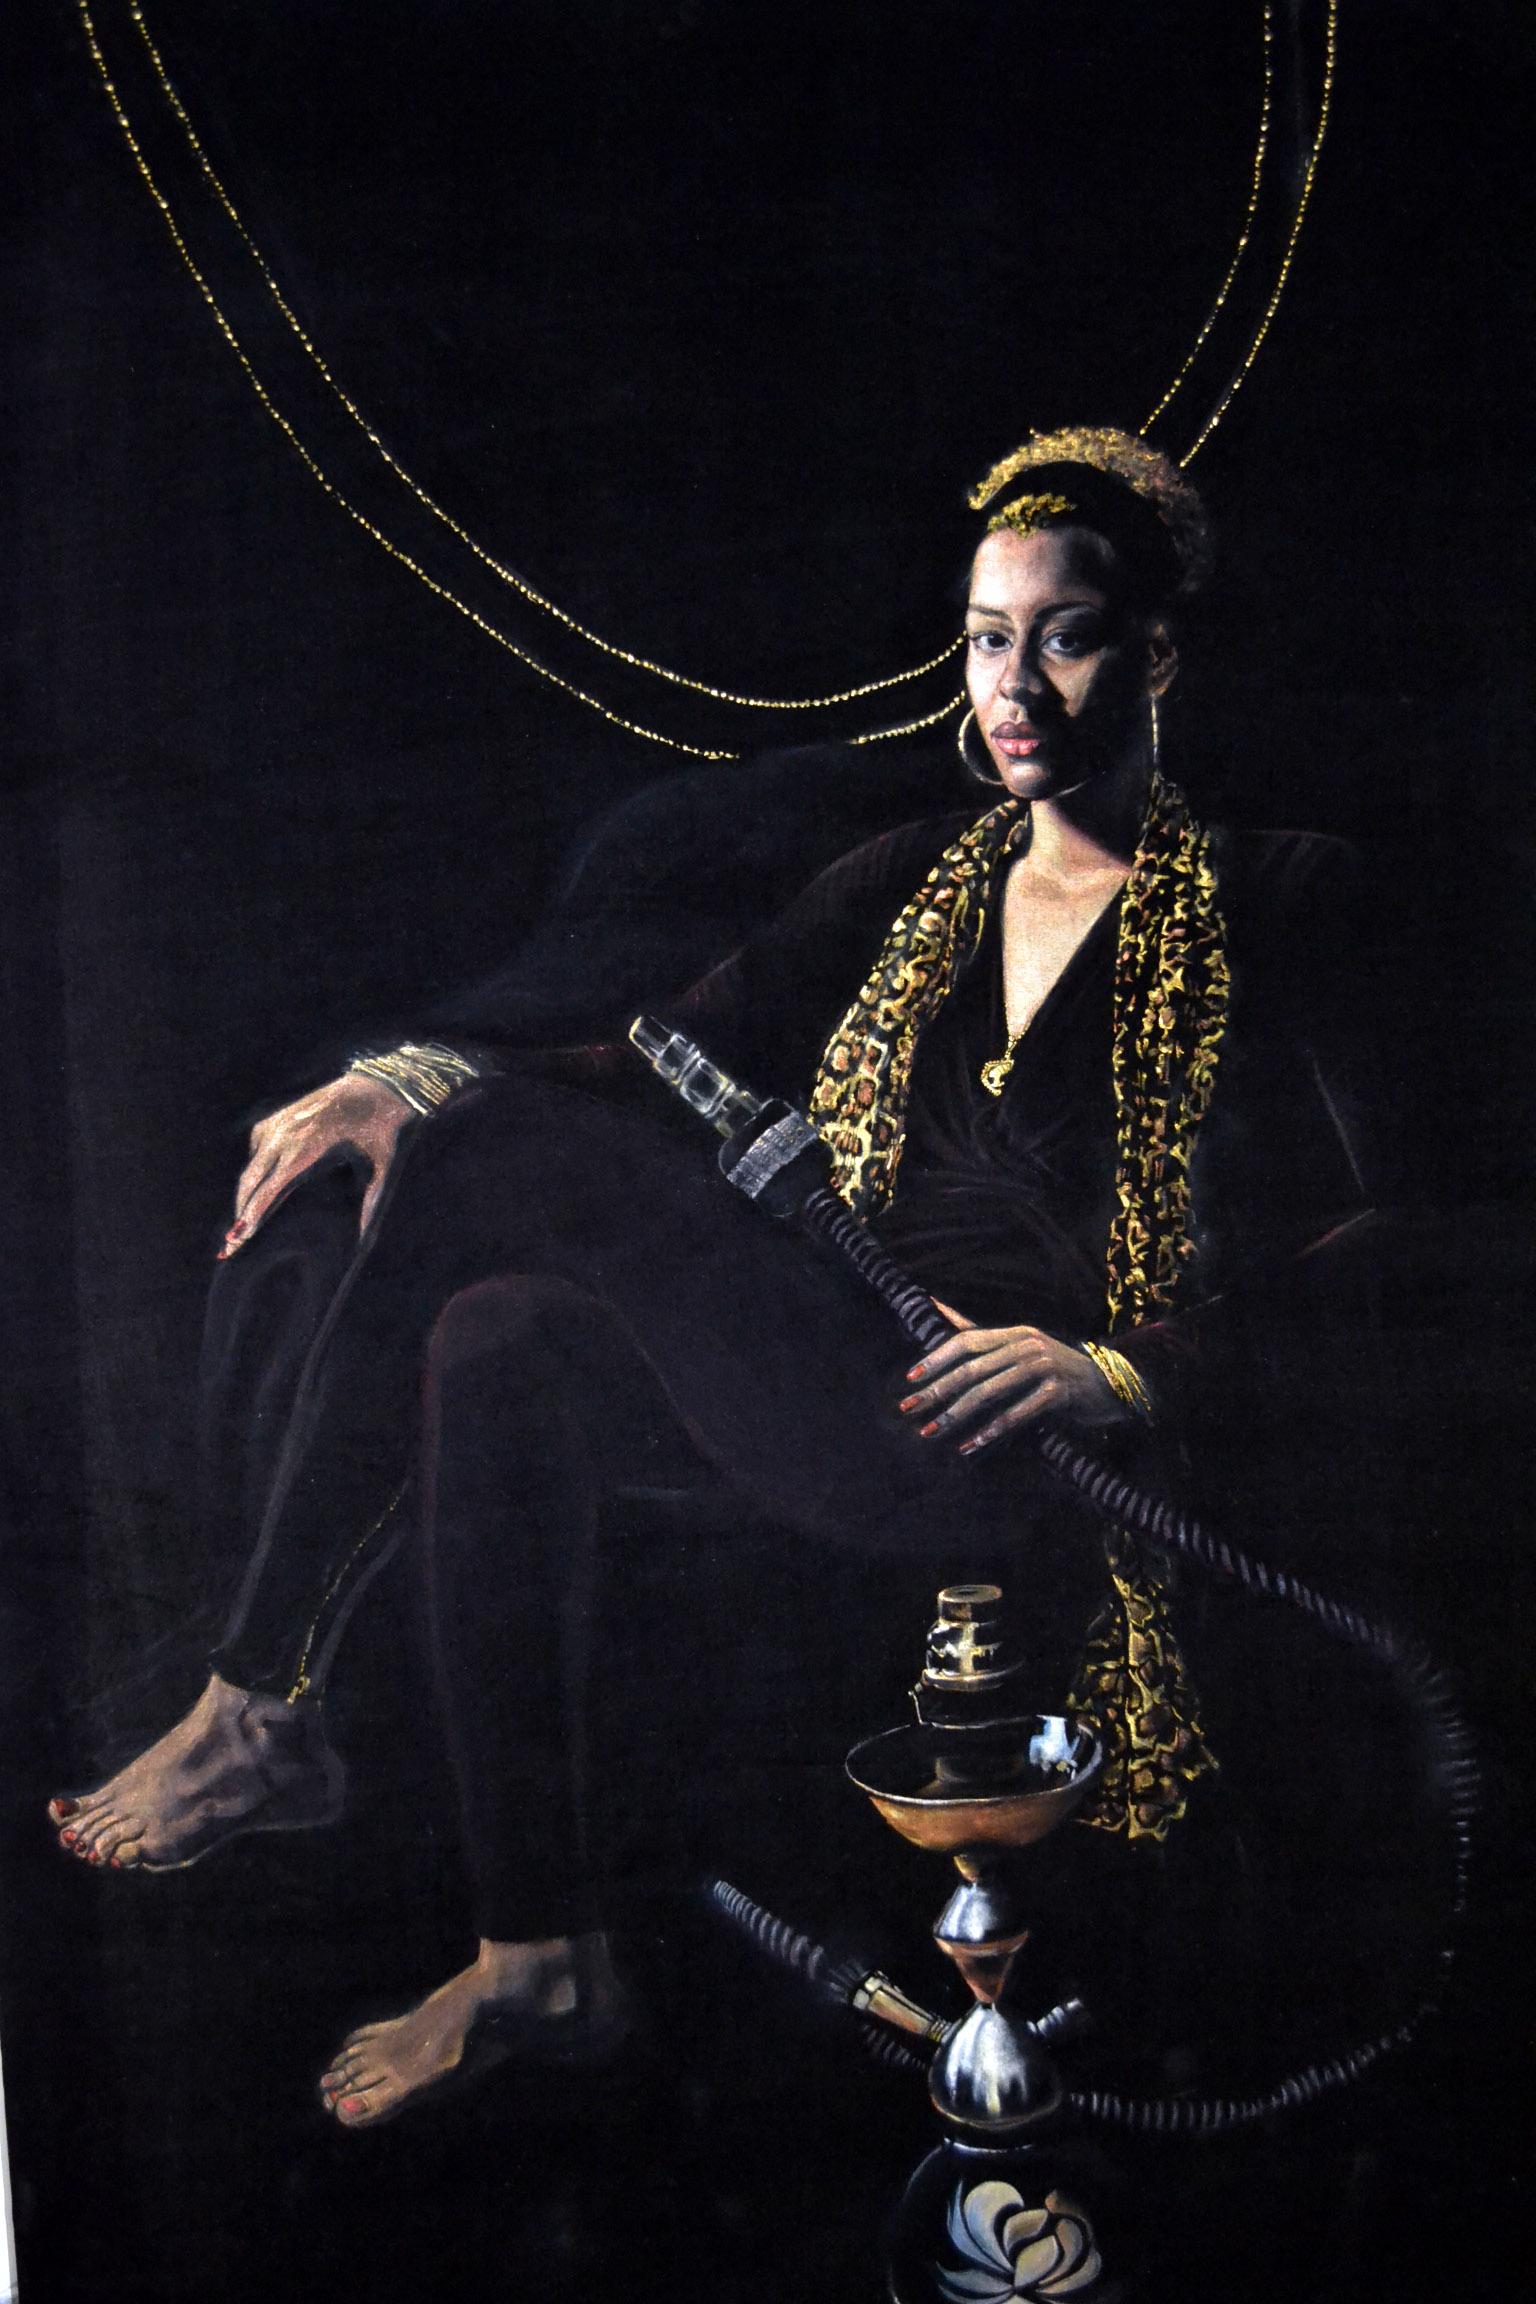 Rashayla Maria Brown